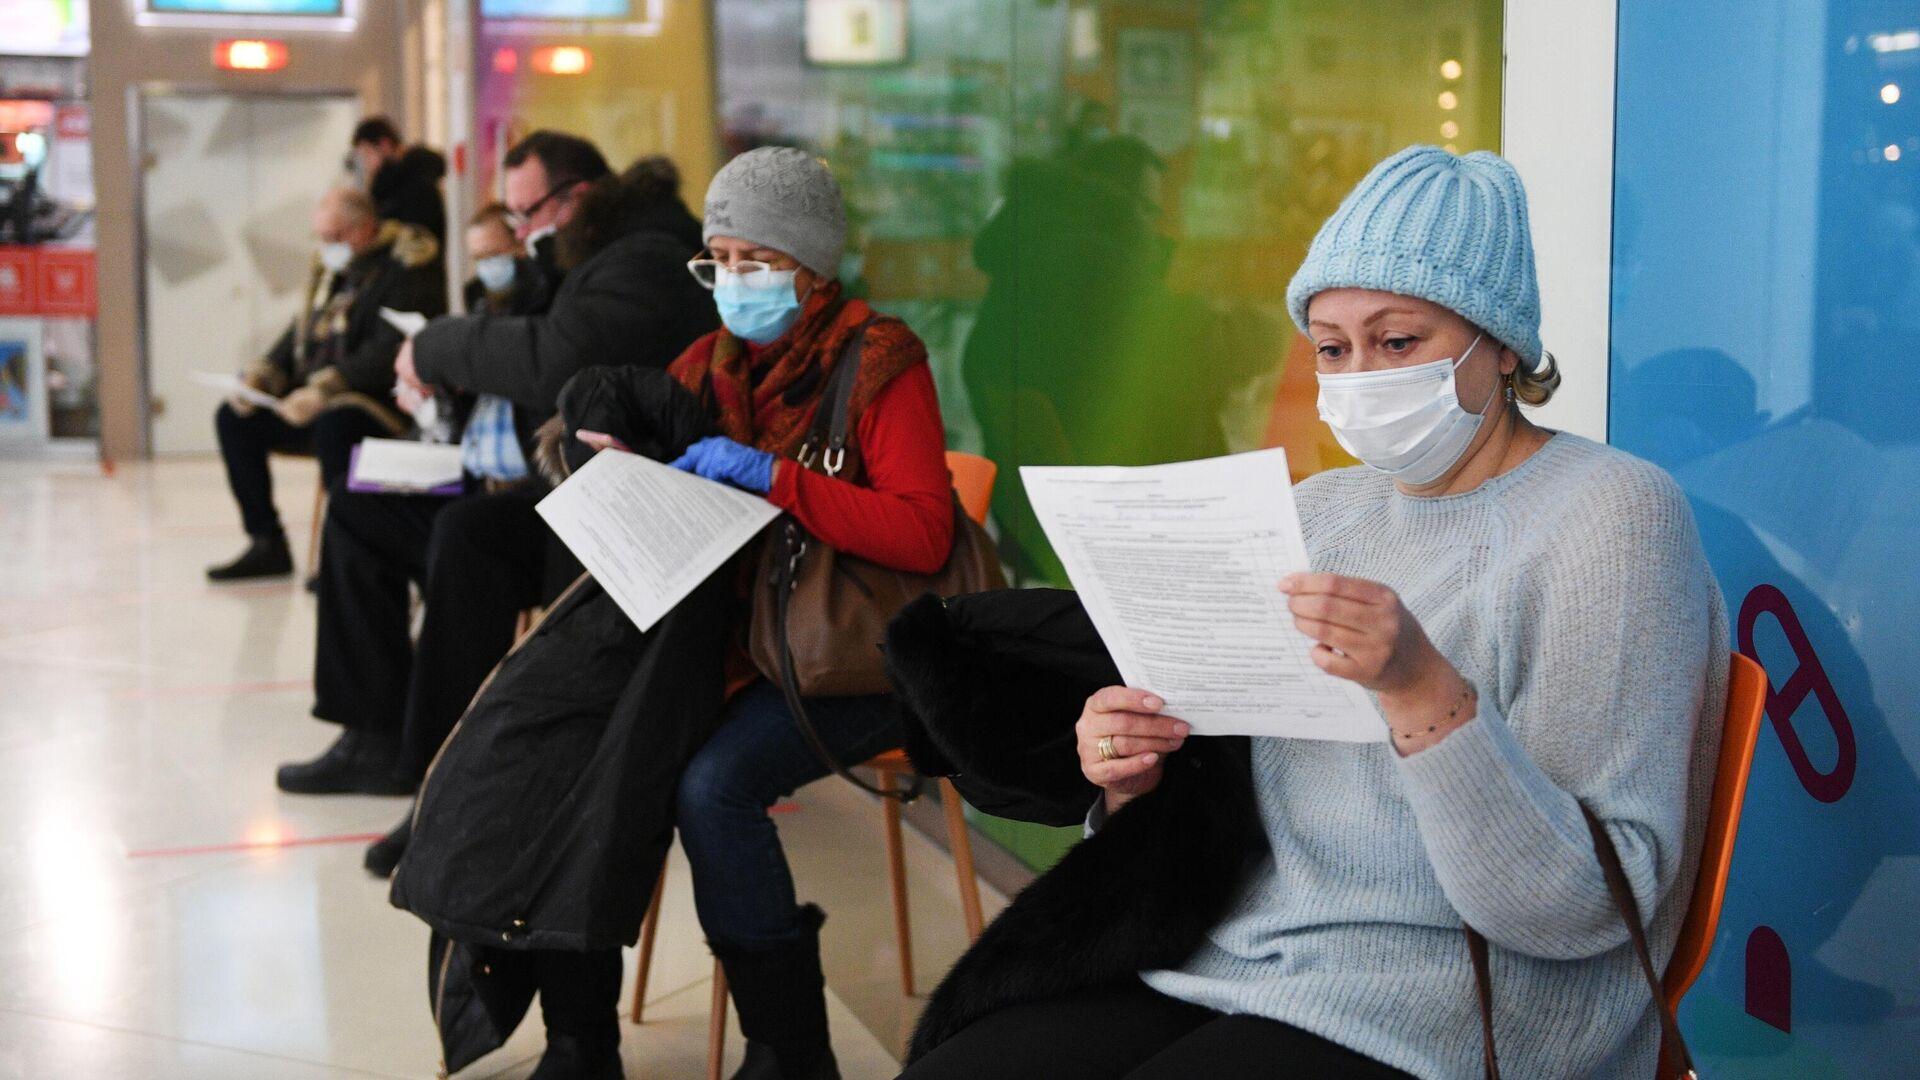 Вакцинация от COVID-19 в торговых центрах Москвы - РИА Новости, 1920, 08.02.2021